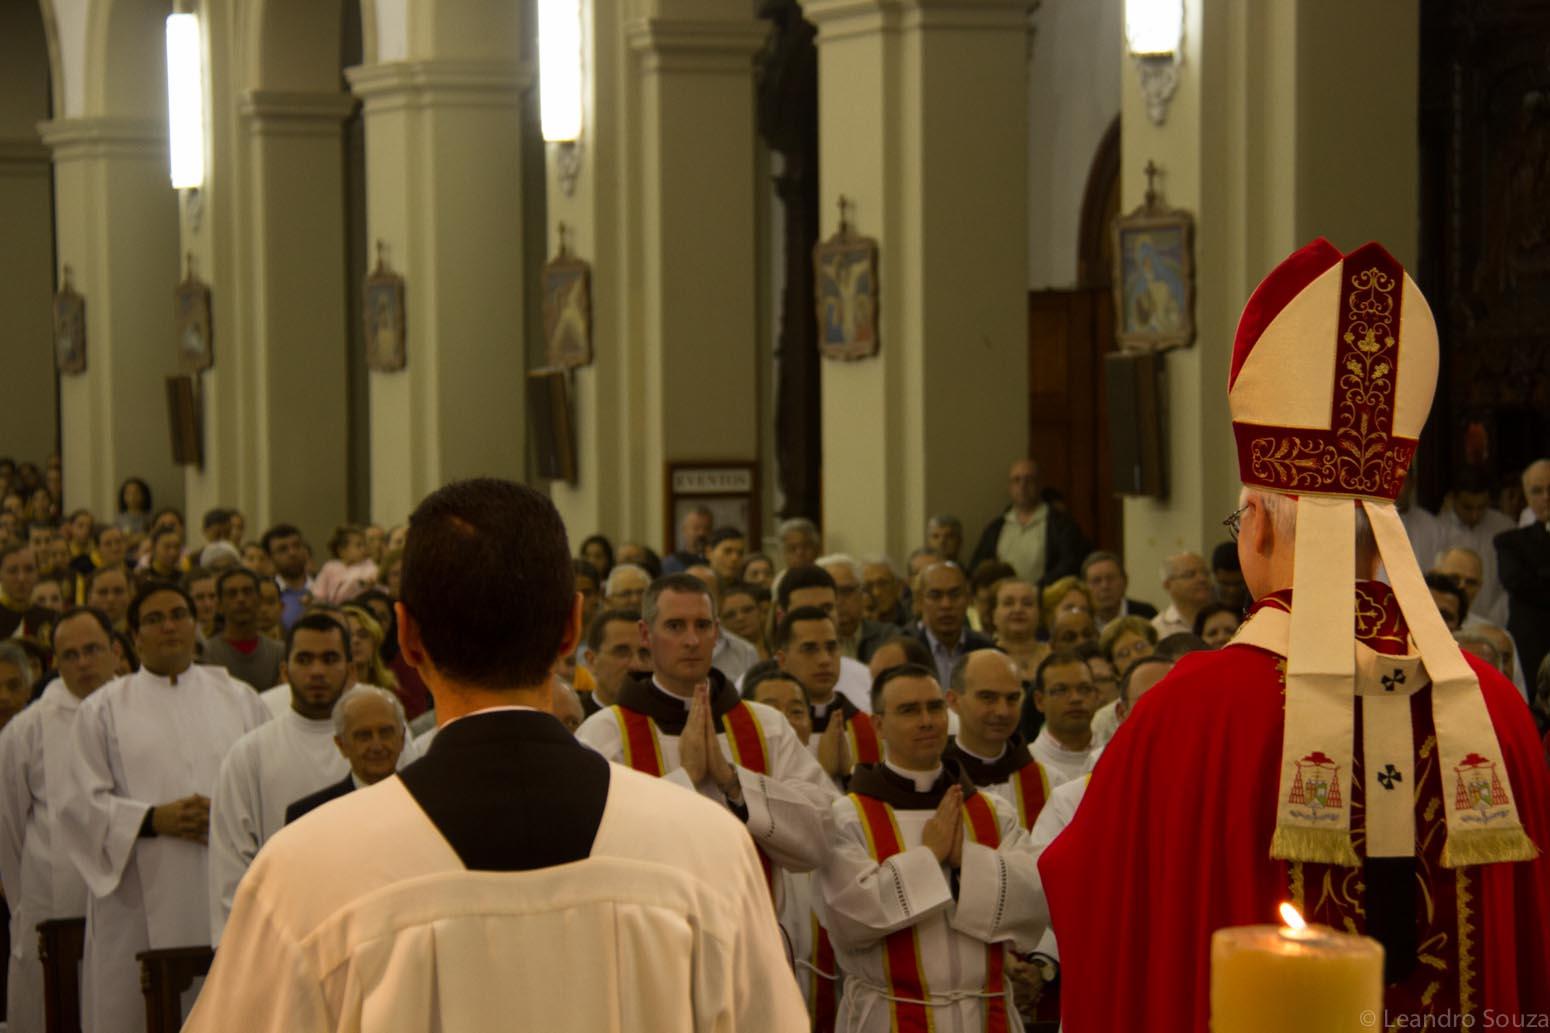 aniversario-de-don-odili-scherer-cardeal-arcebispo-de-sao-paulo-foto-arautos-do-evangelho-ls-blog-arautos-do-evangelho-divina-providencia-22